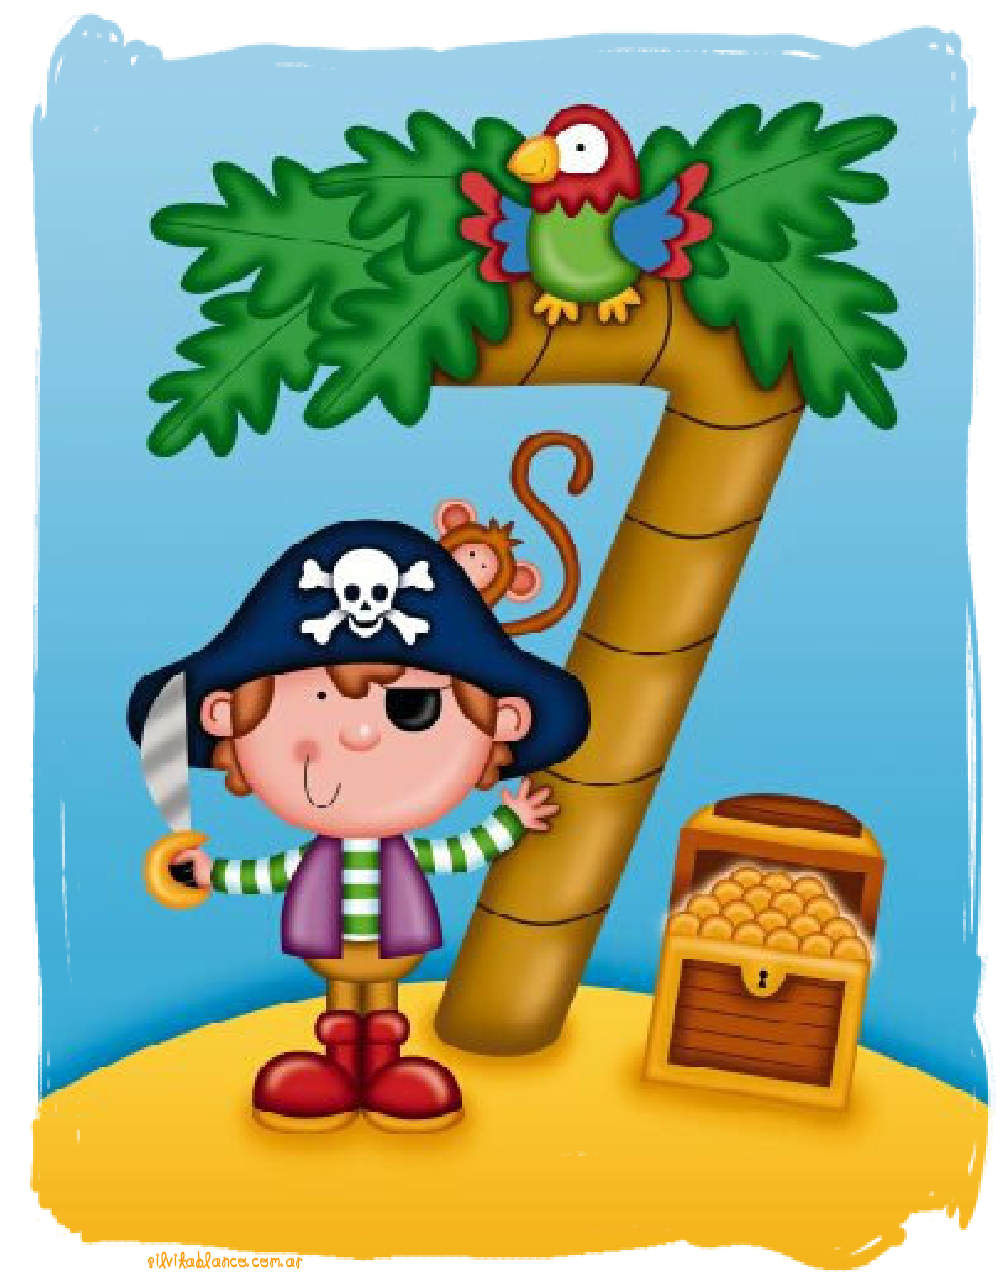 Piratas para invitaciones tarjetas personajes divertidos - Imagenes de barcos infantiles ...